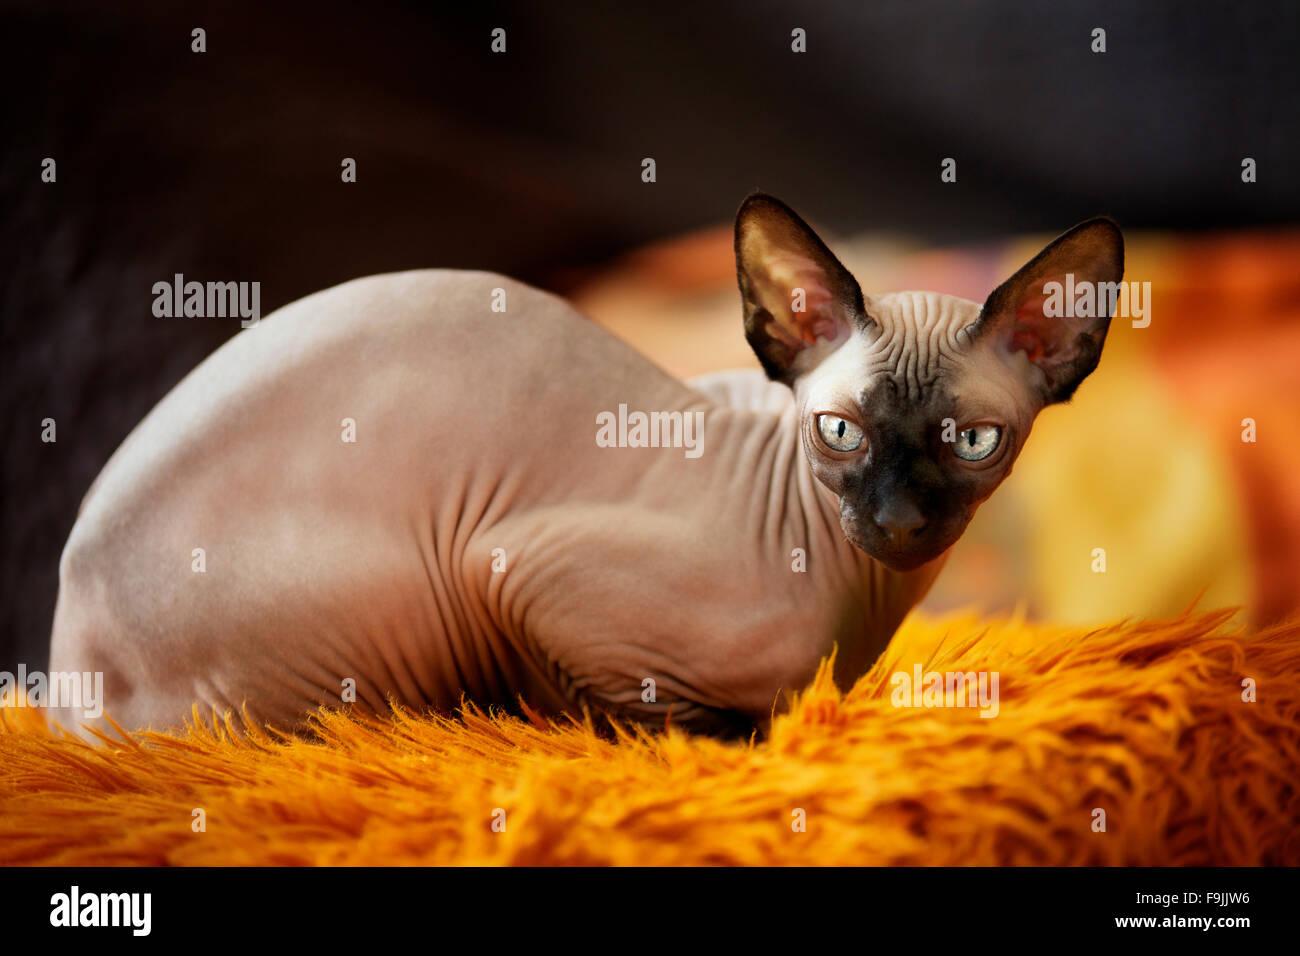 Sphynx Kitten Stock Photos & Sphynx Kitten Stock Images - Alamy